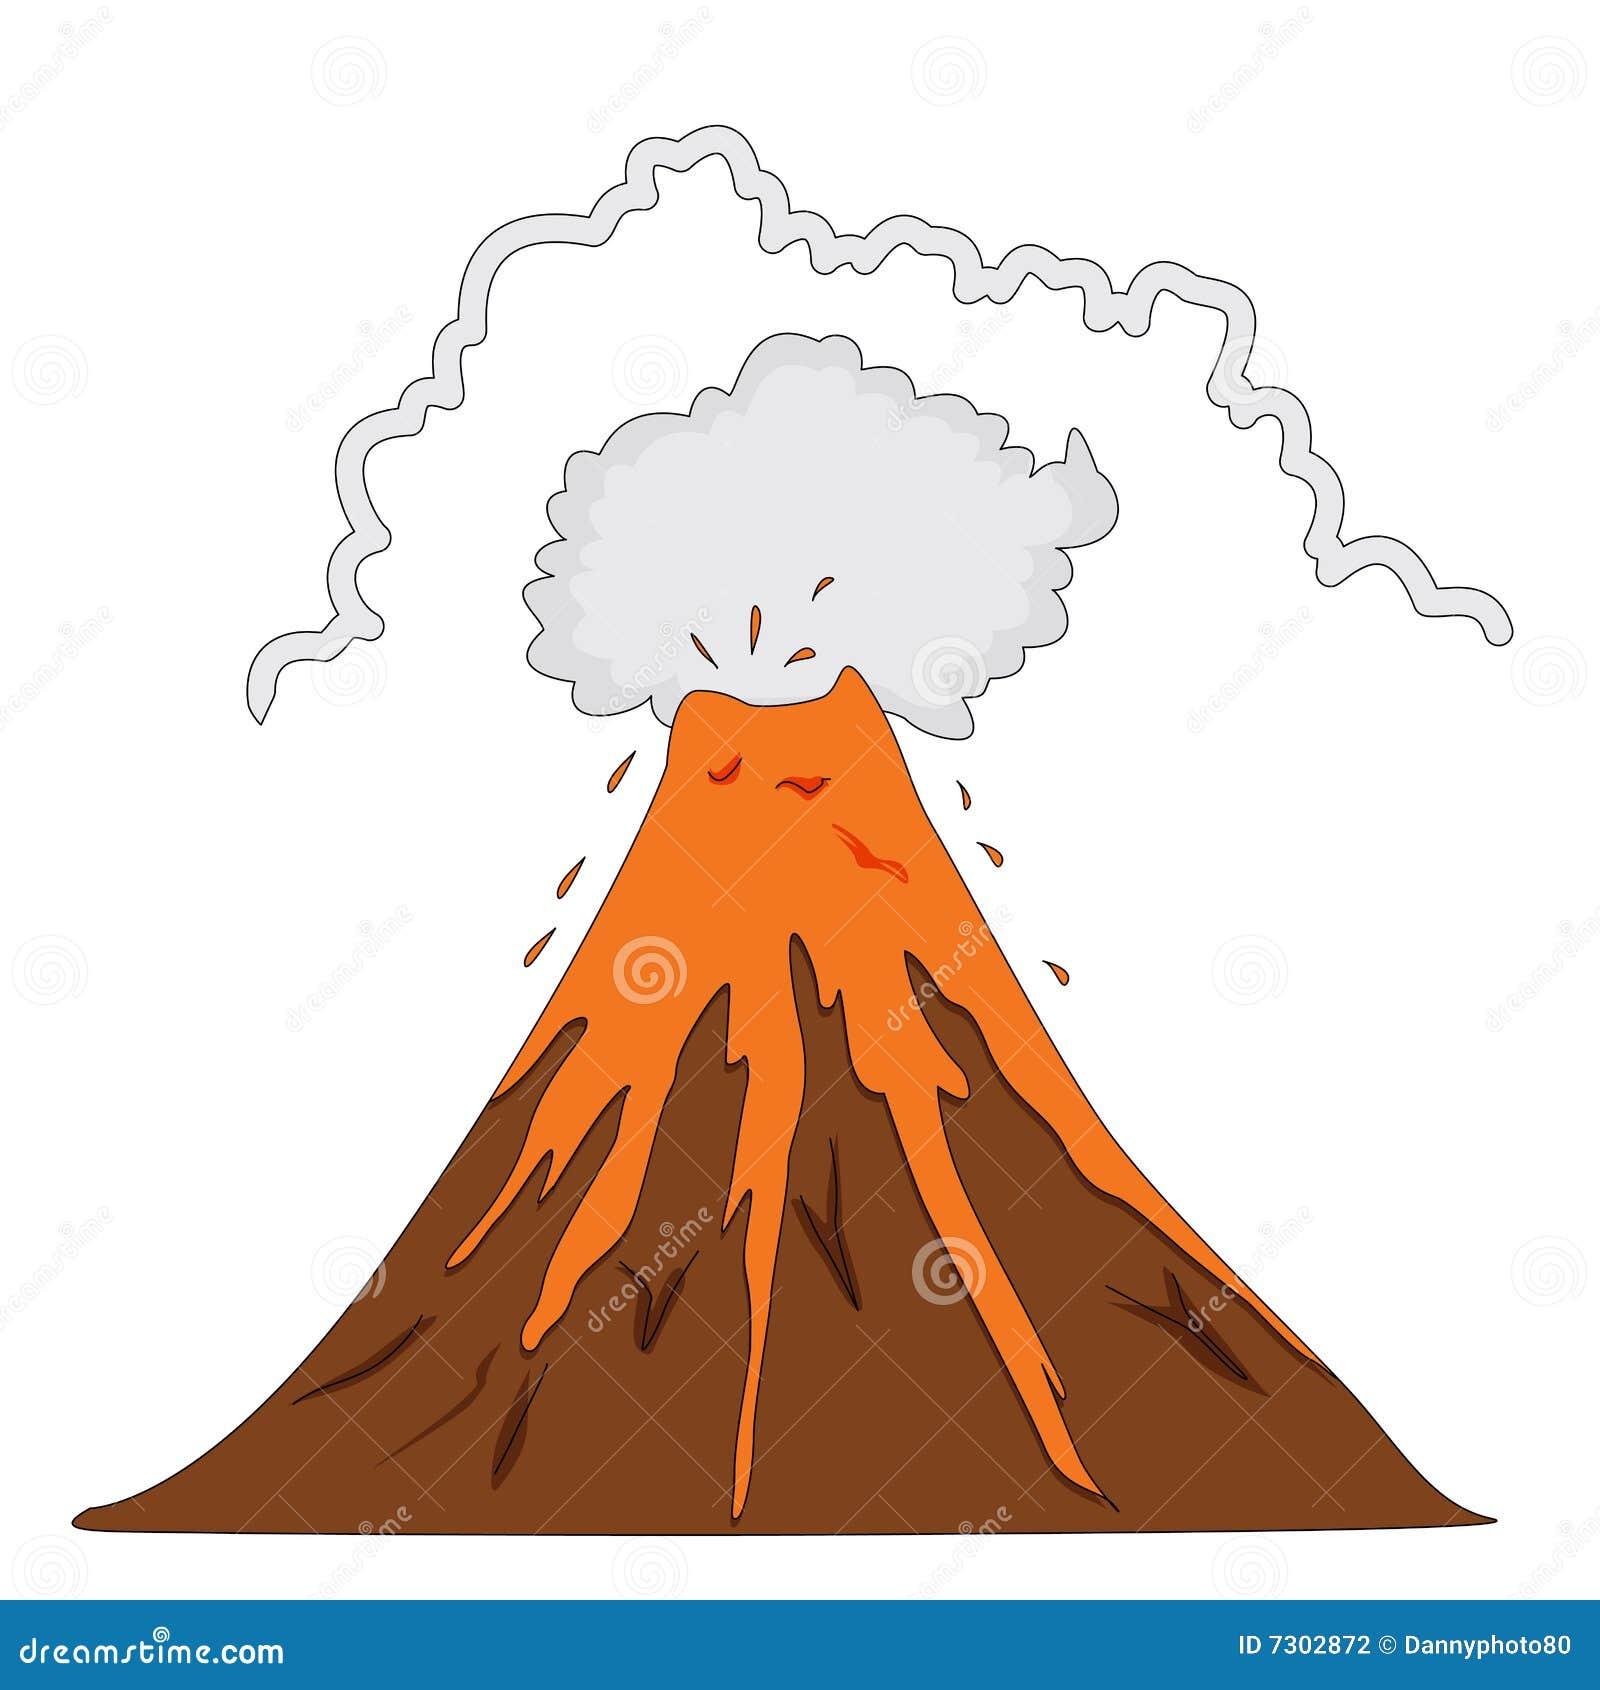 Erruption del vulcano